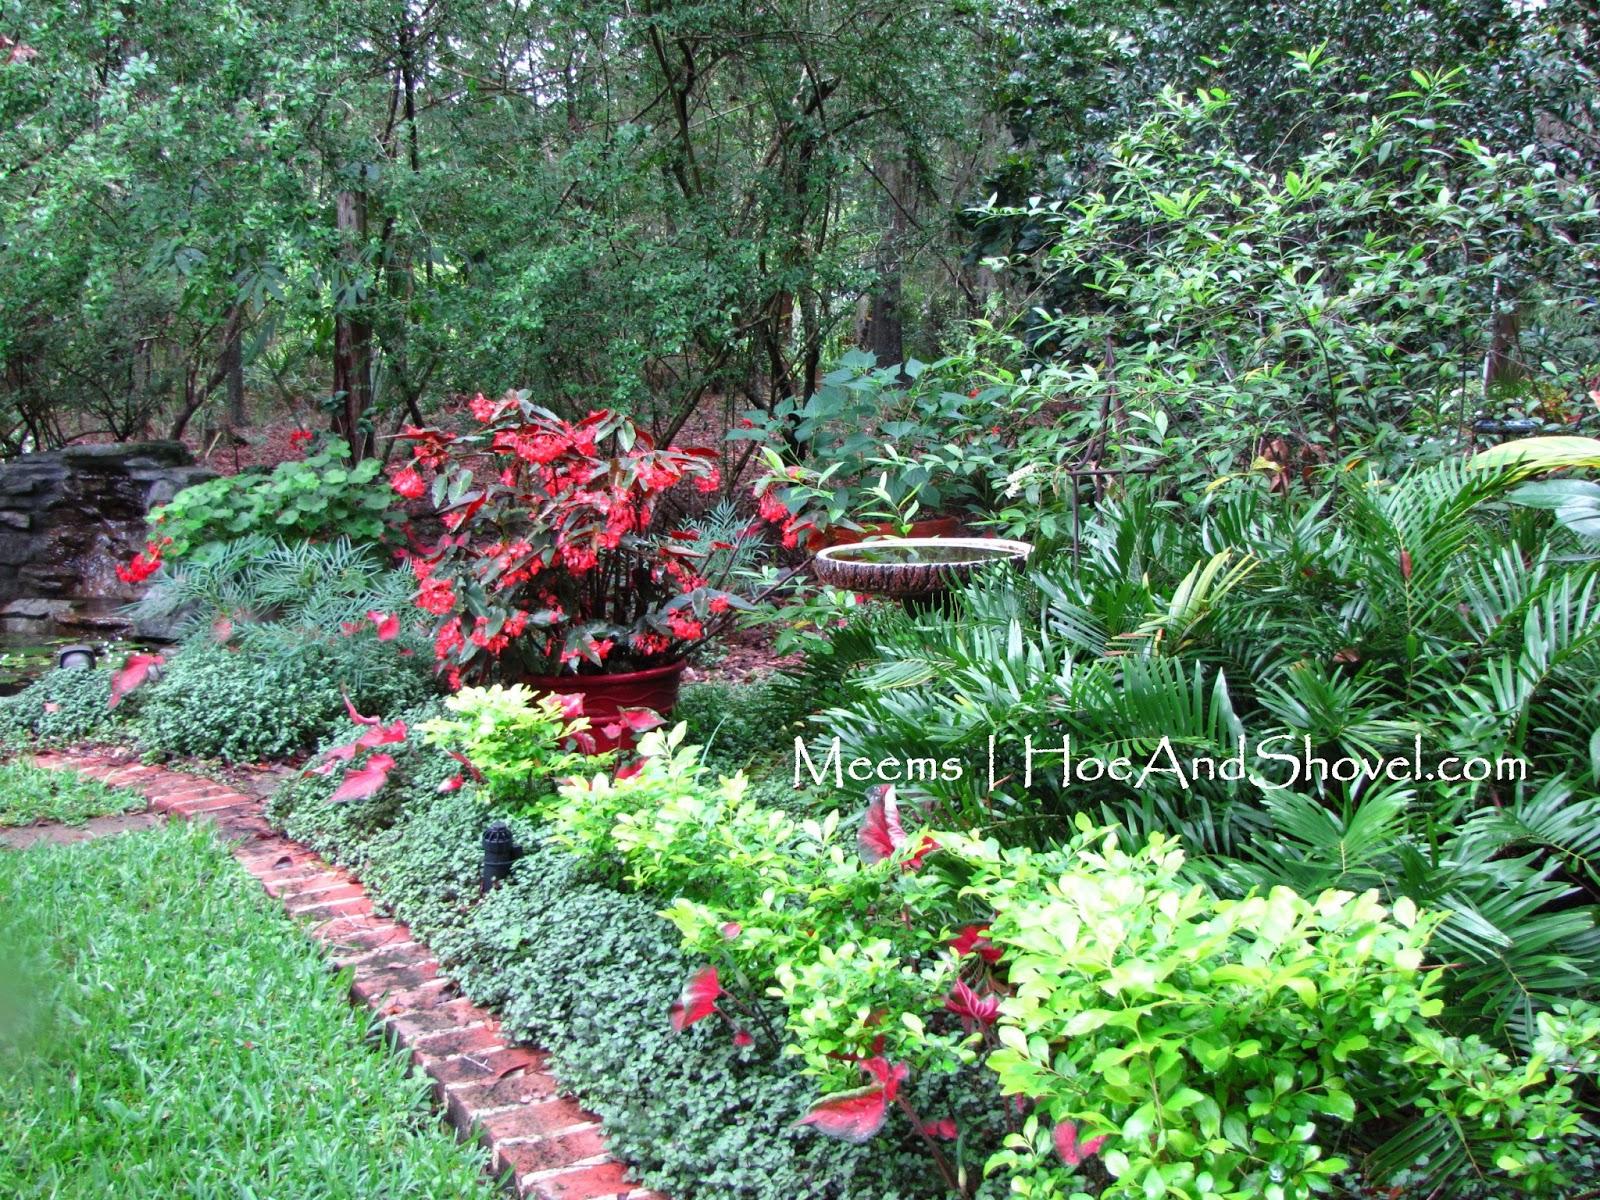 Hoe and shovel a florida moss garden - Container gardening in florida ...